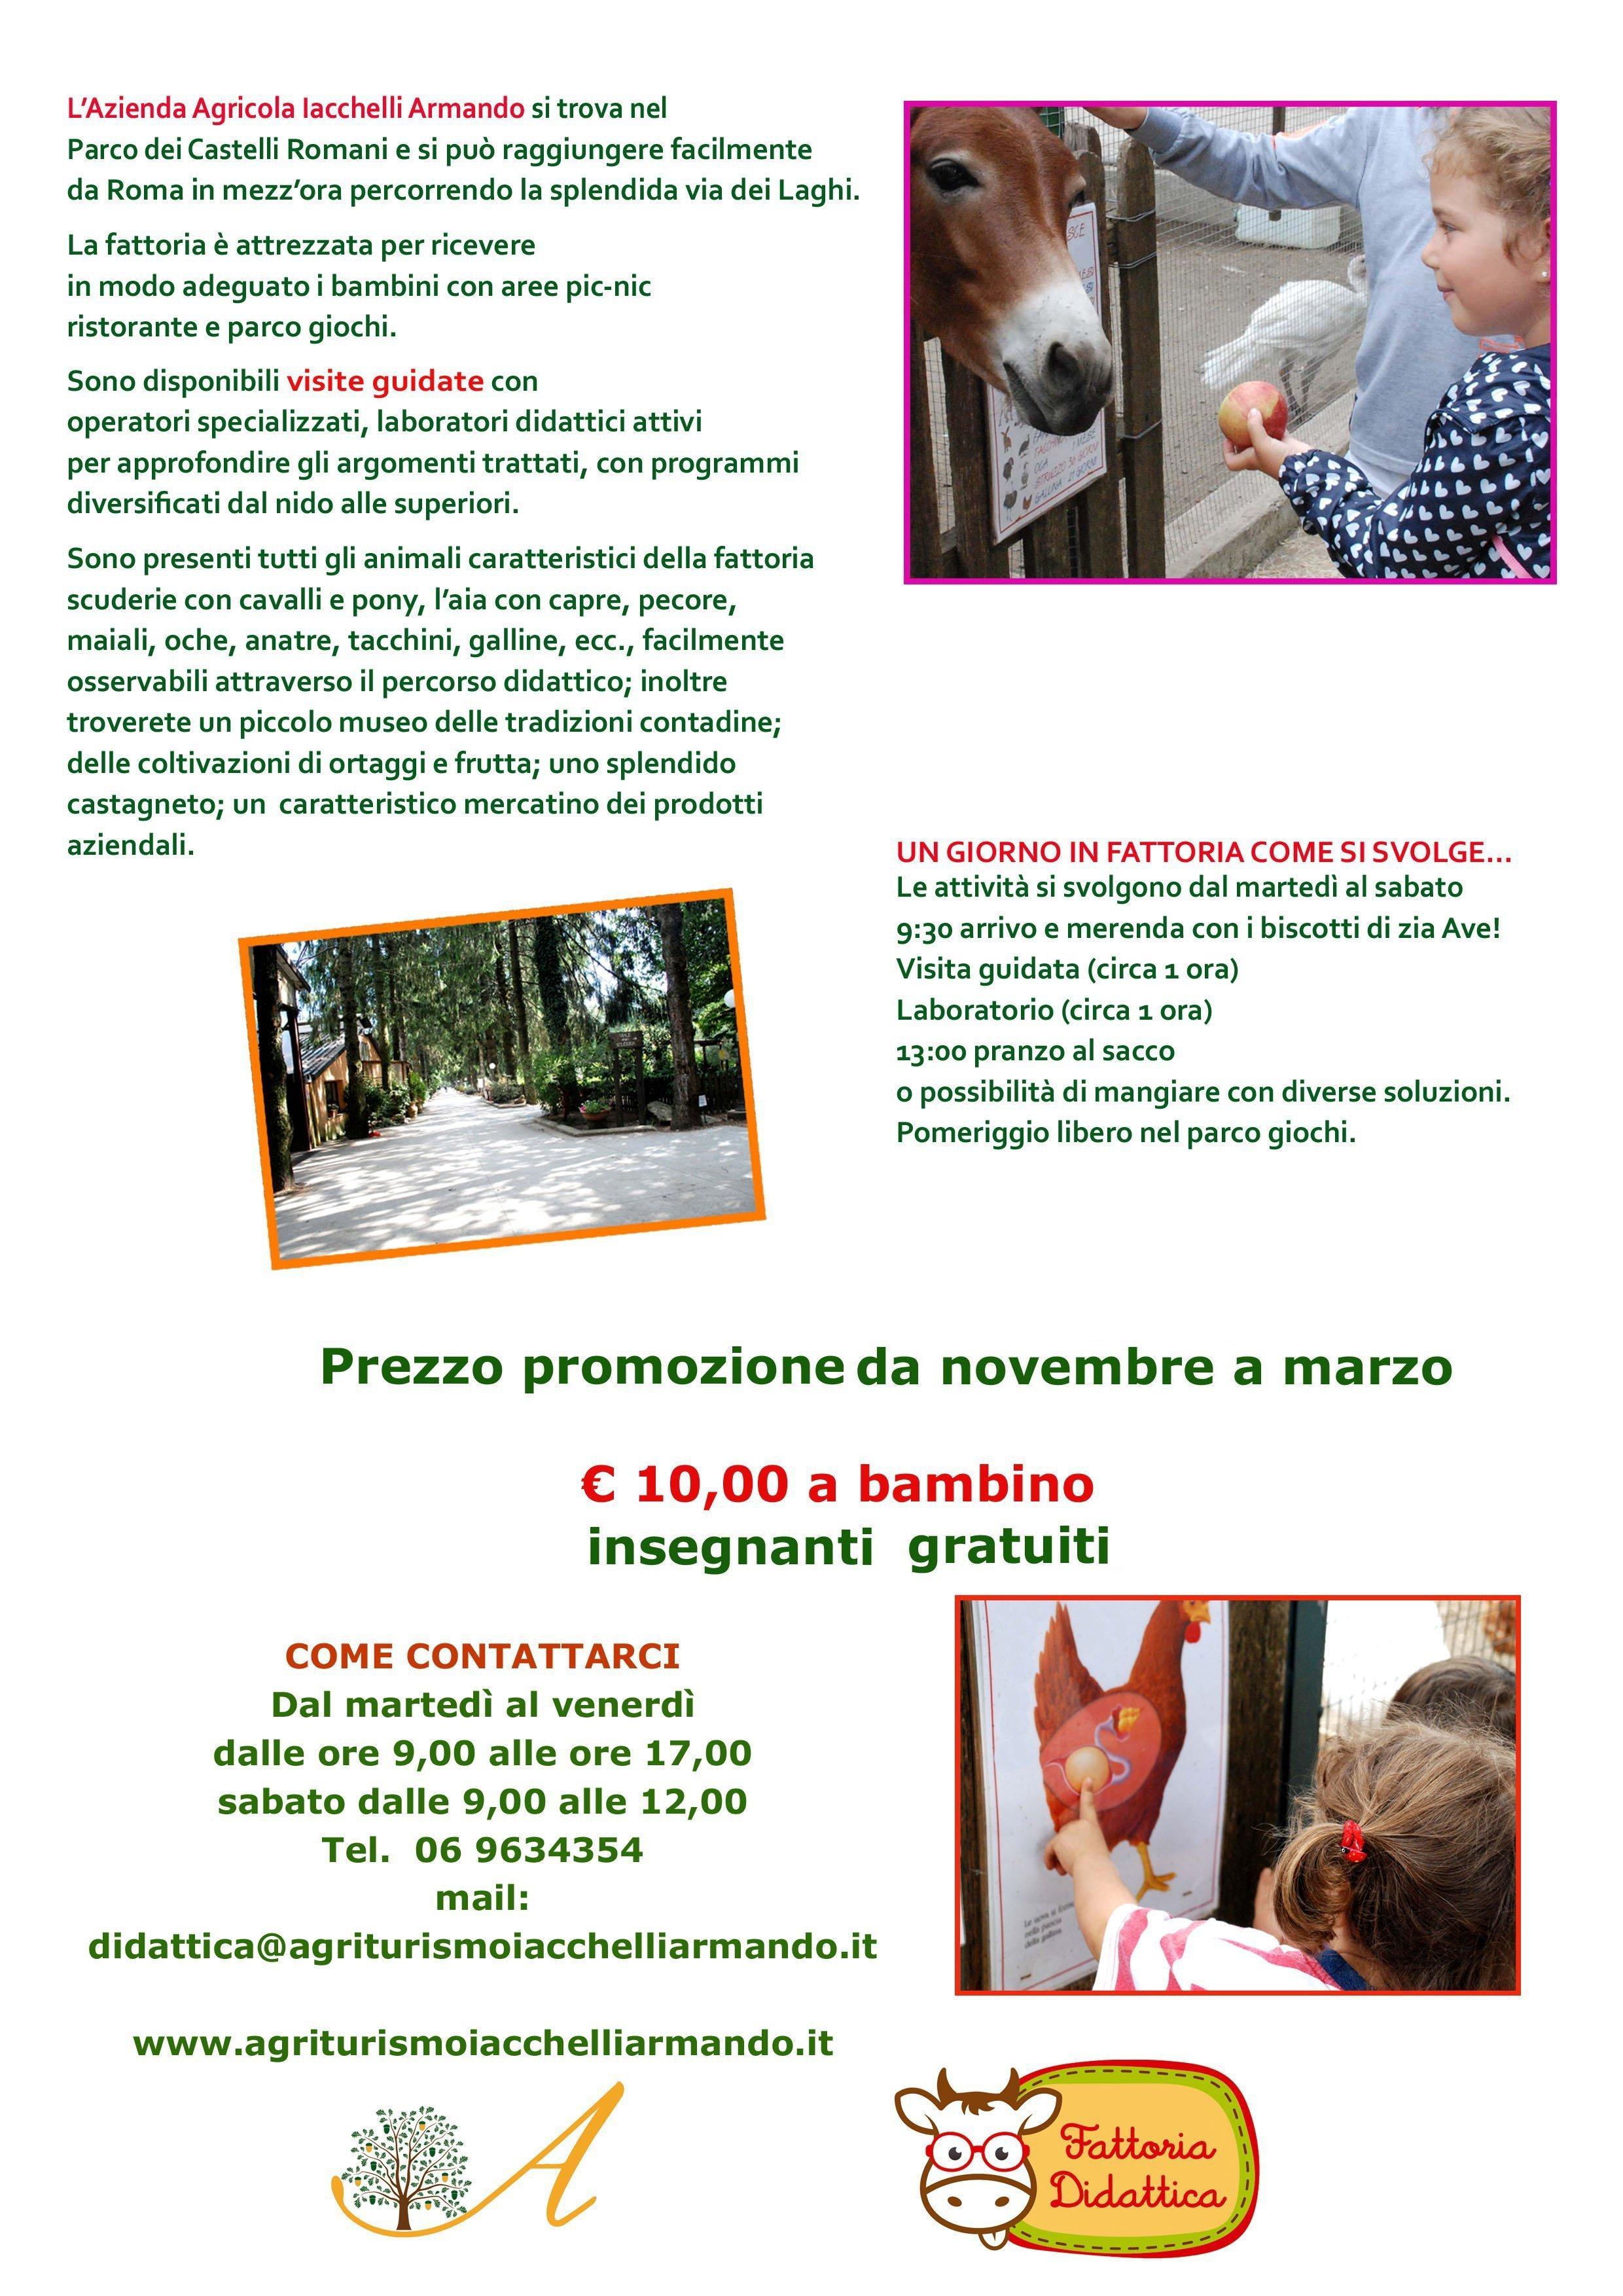 promozione-nov-marzo